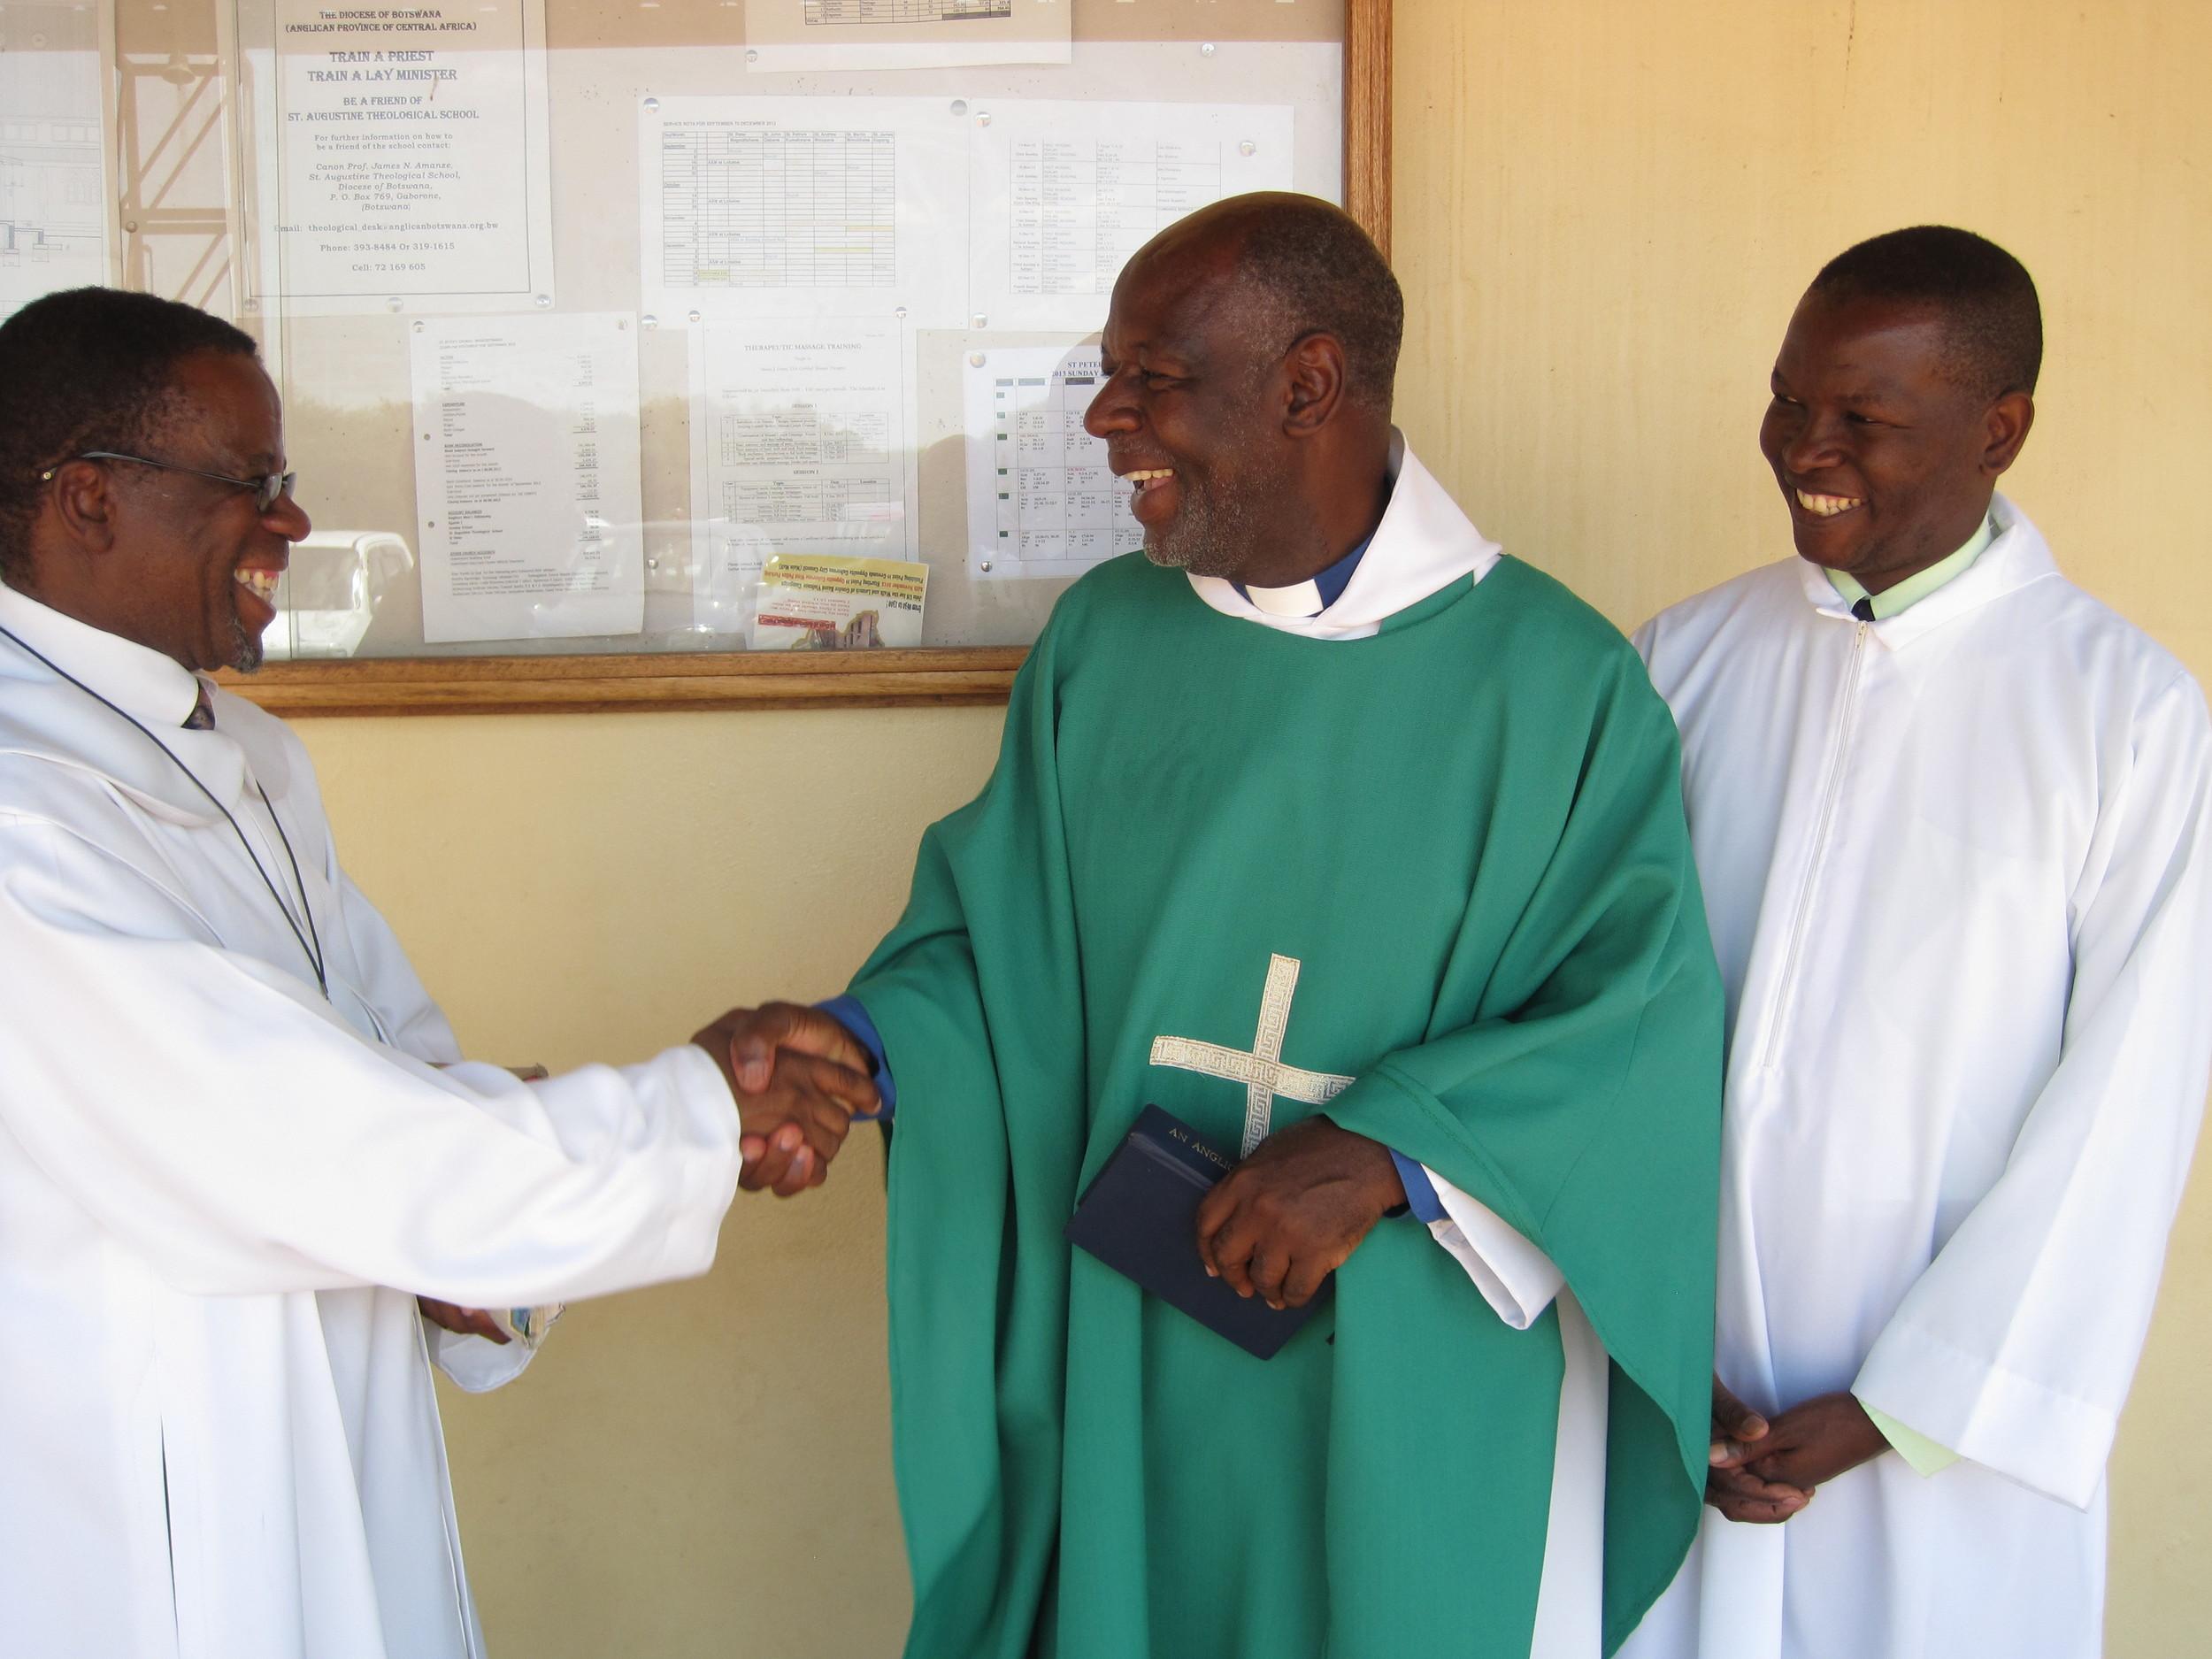 Ordinands Octavius Bolelang (left) and Bashie Tsheole   with Fr. Andrew Mudereri